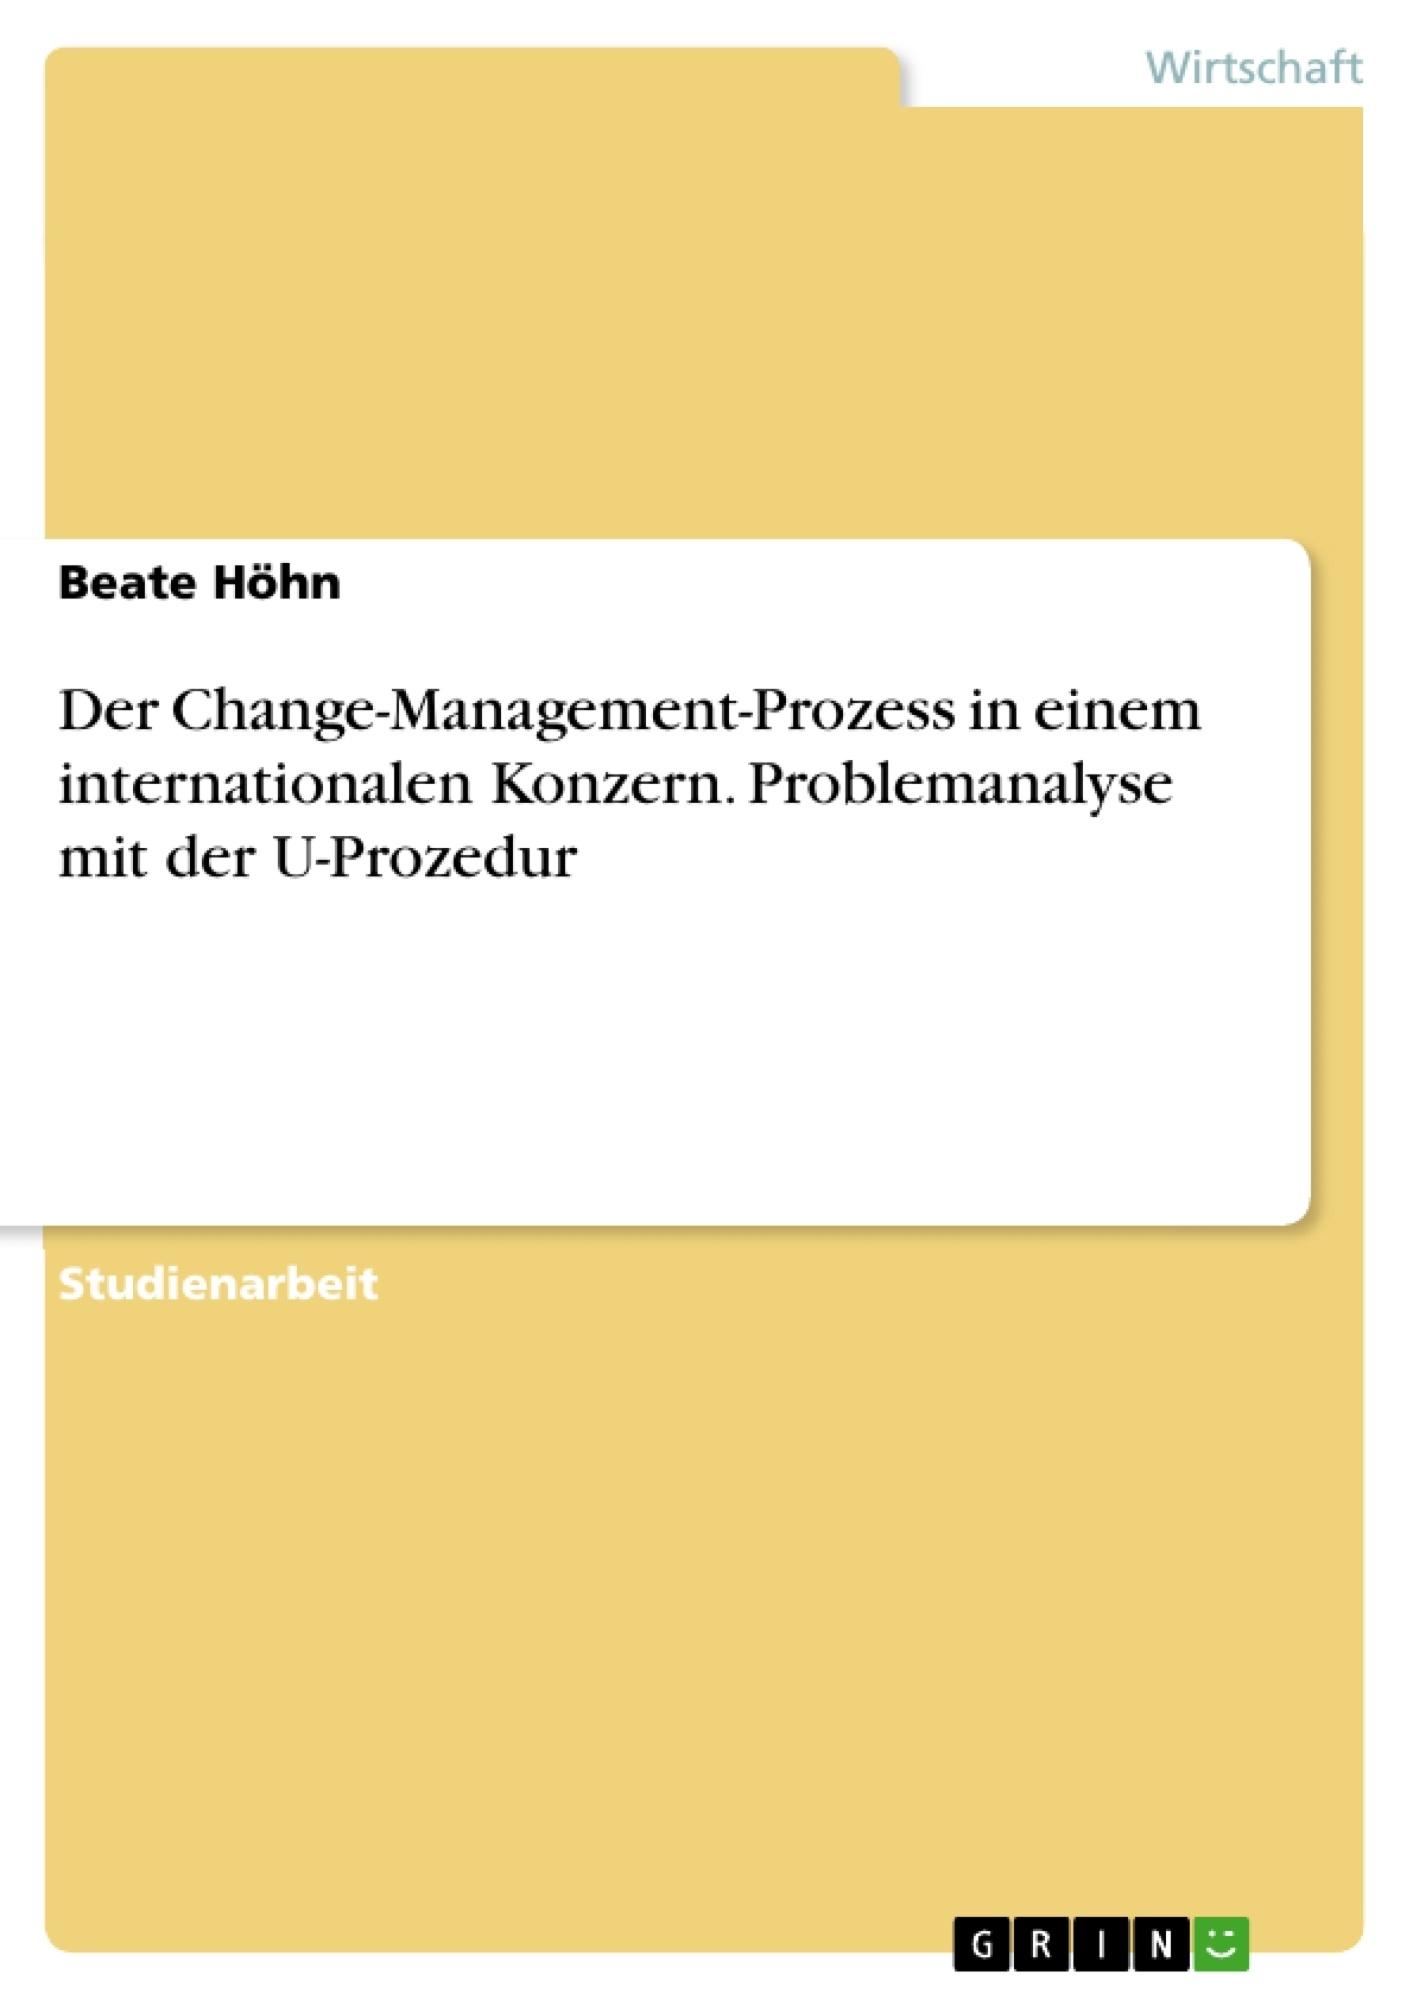 Titel: Der Change-Management-Prozess in einem internationalen Konzern. Problemanalyse mit der U-Prozedur